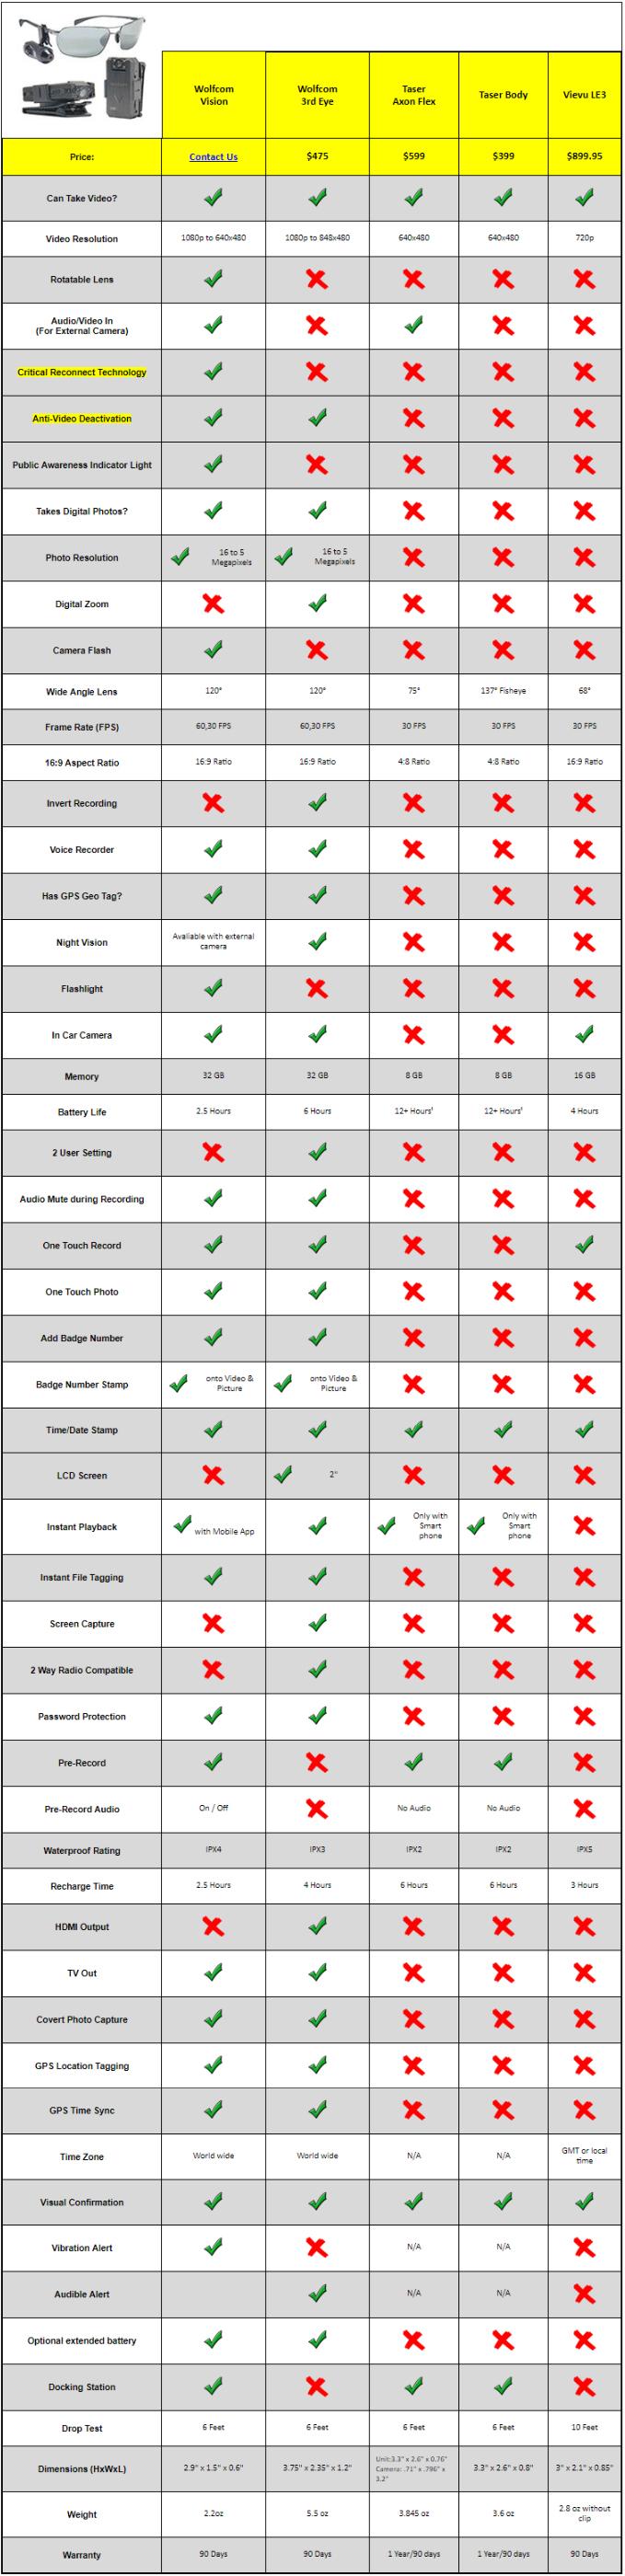 police body camera comparison chart